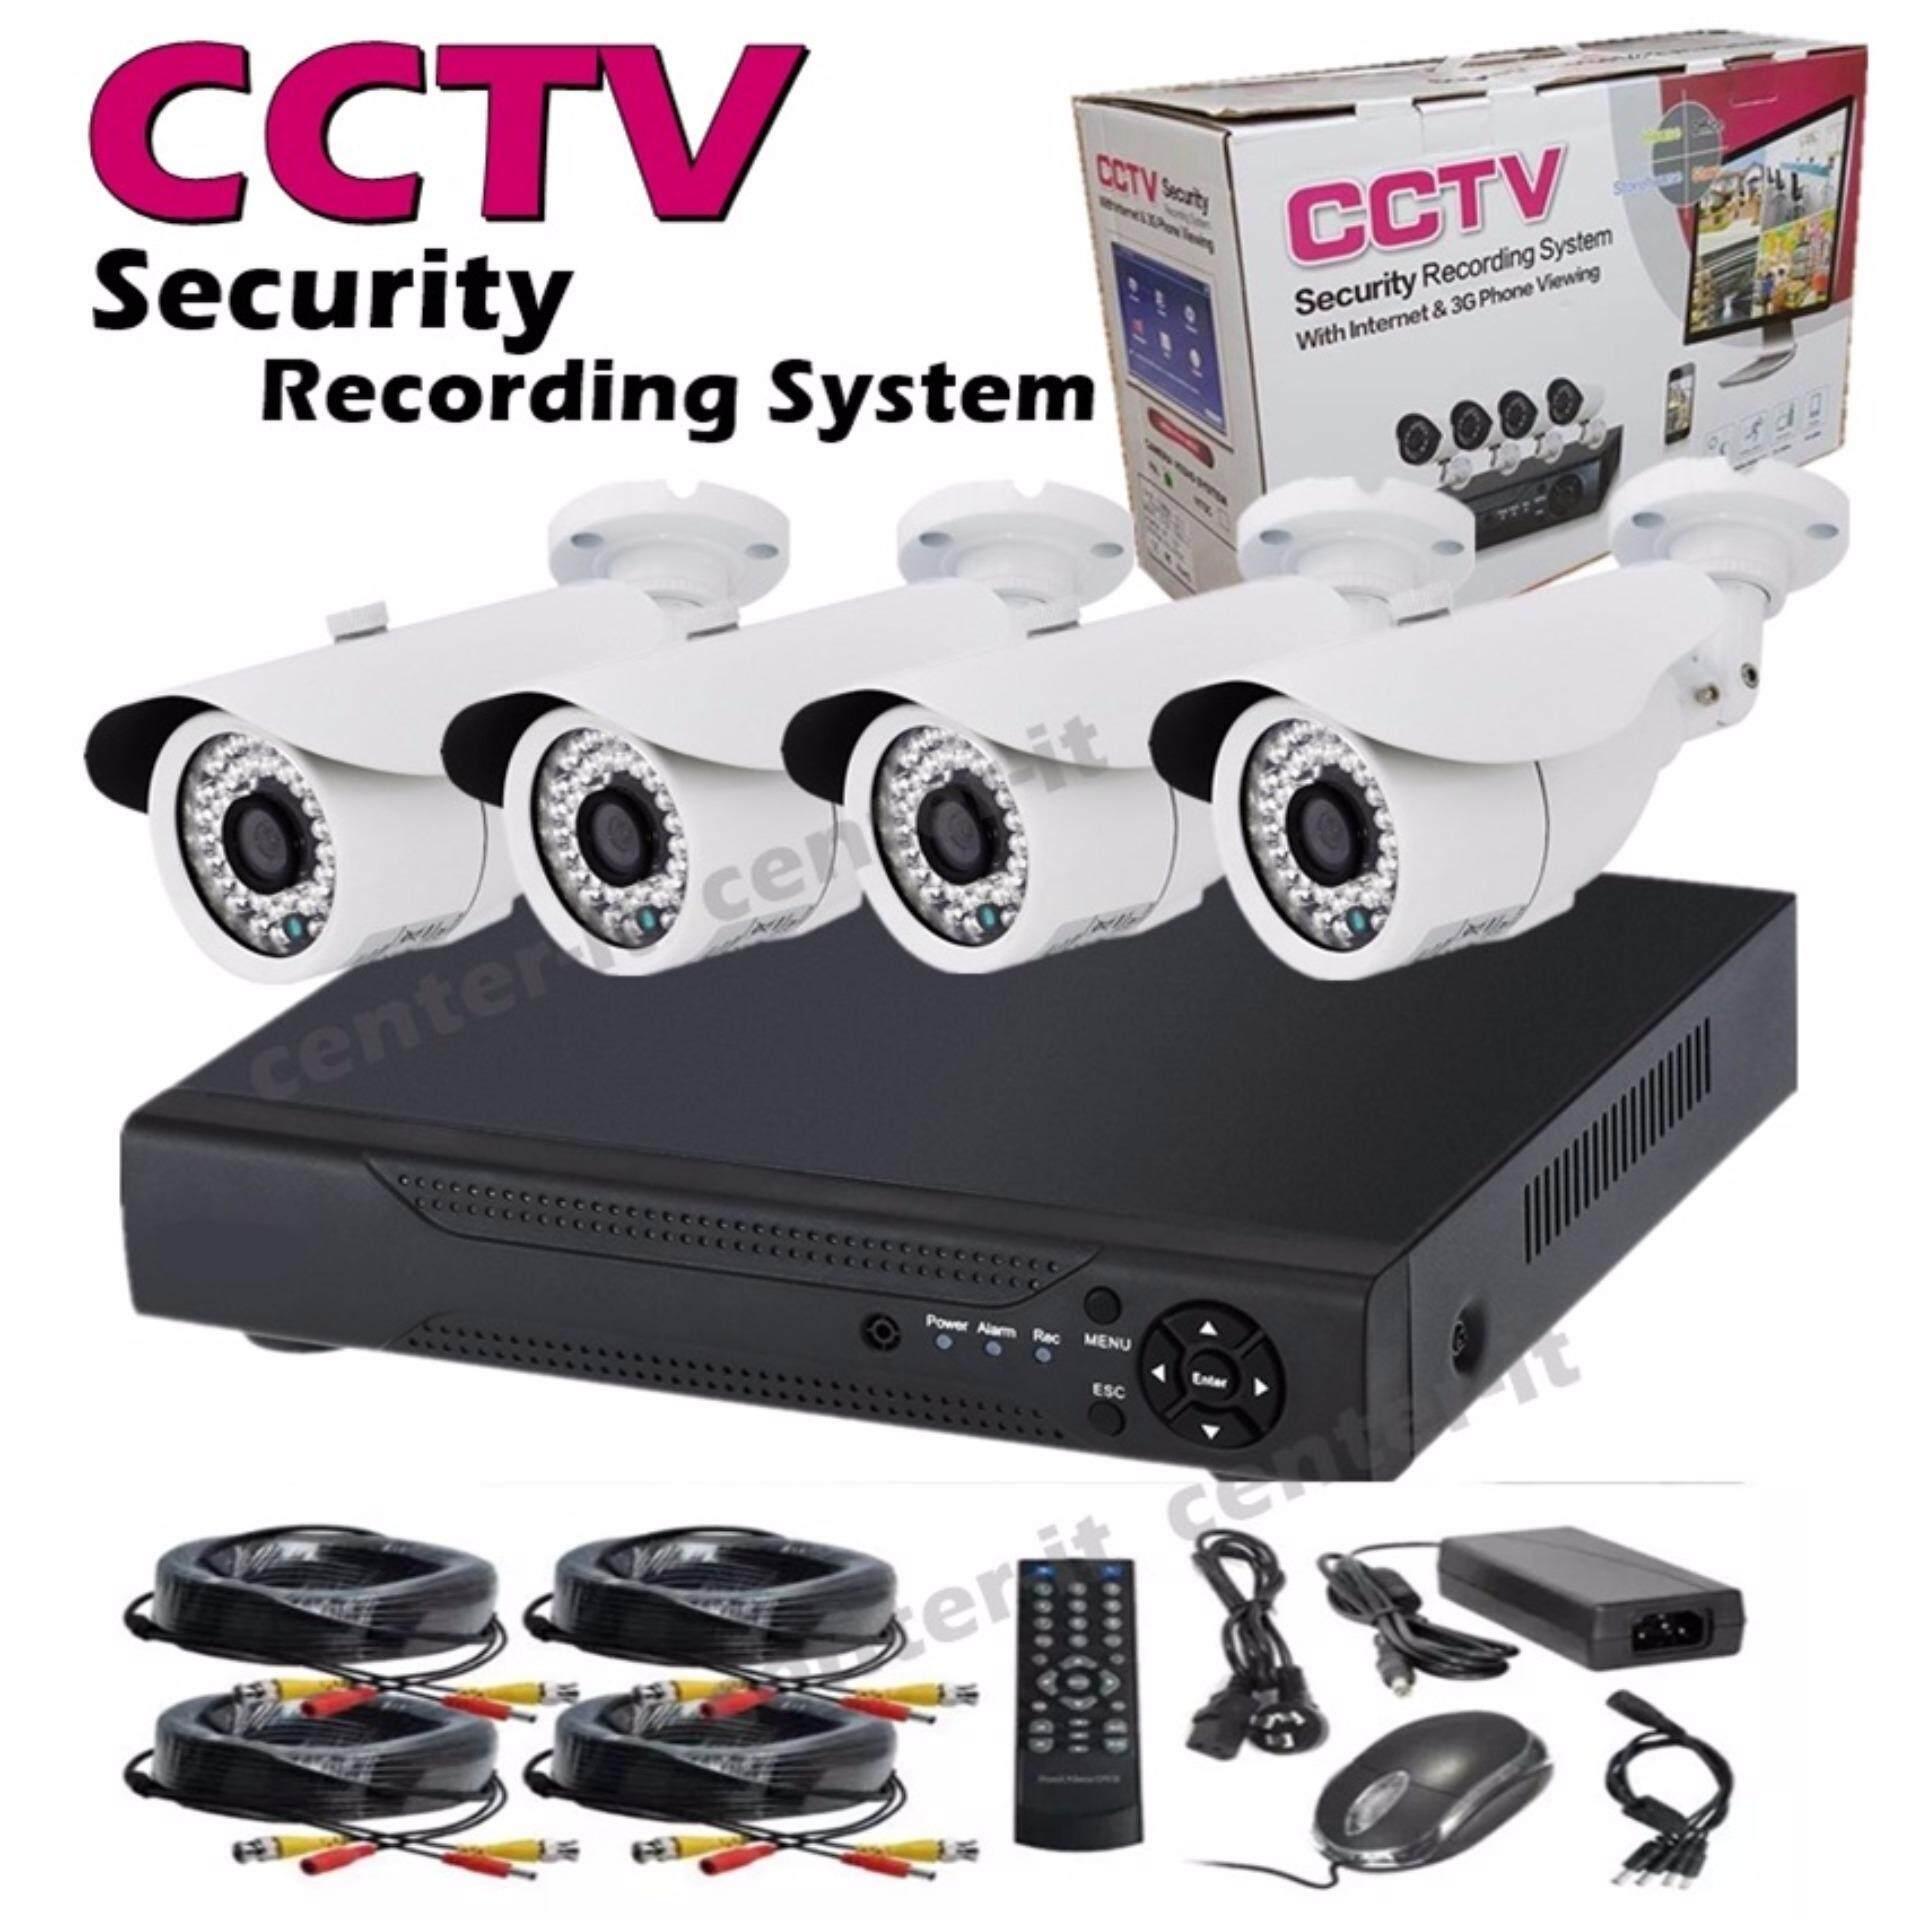 Center ชุดกล้องวงจรปิด CCTV ดูผ่านอินเตอร์เน็ท รุ่น E-CH7004-4 (สีขาว)